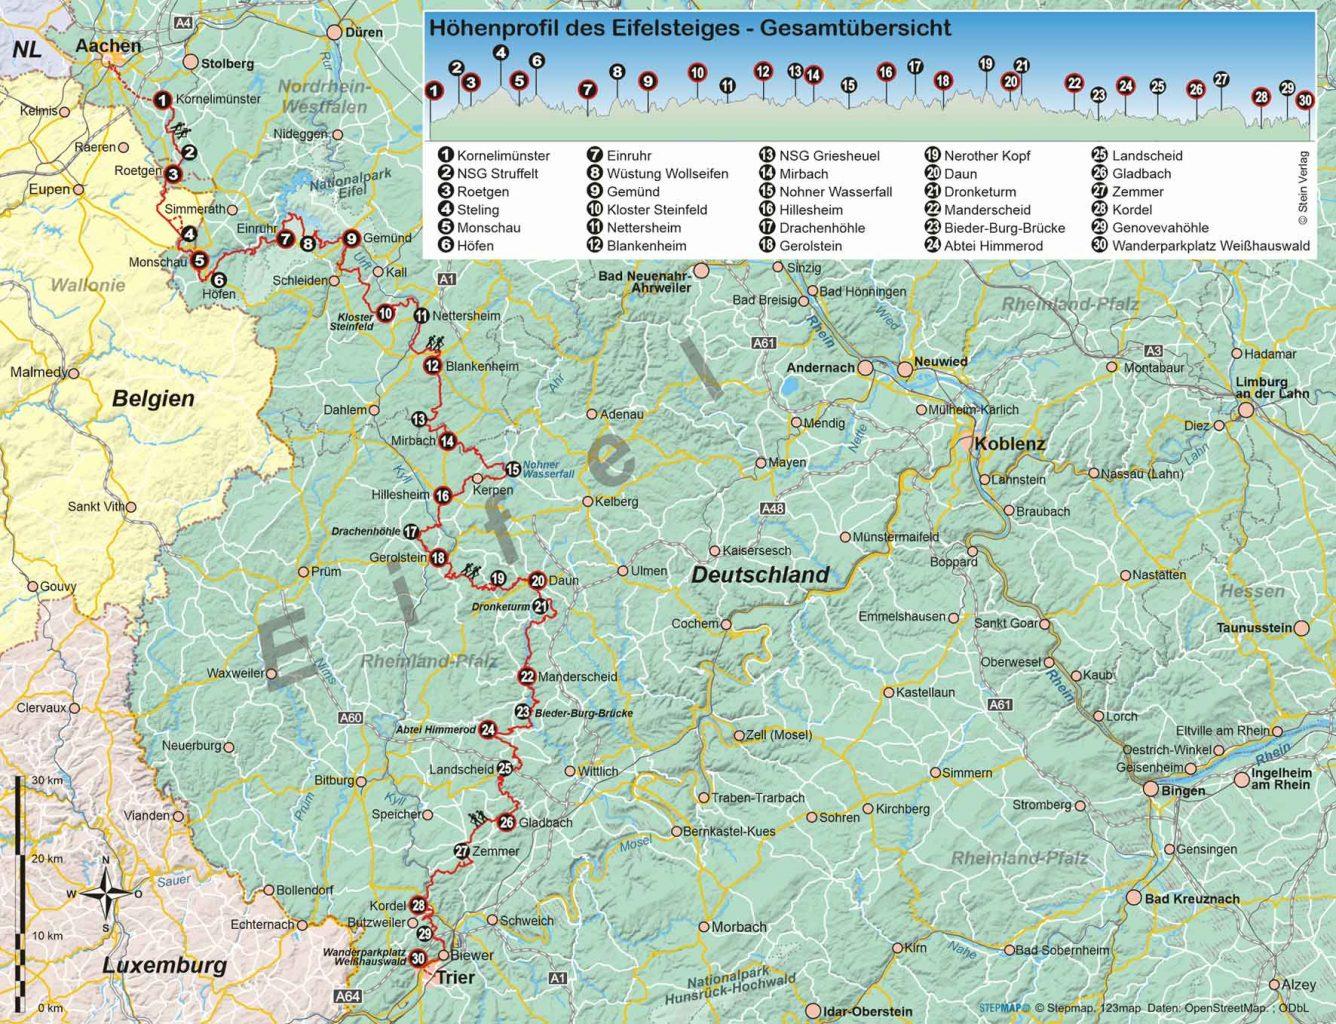 Eifelsteig von Aachen nach Trier